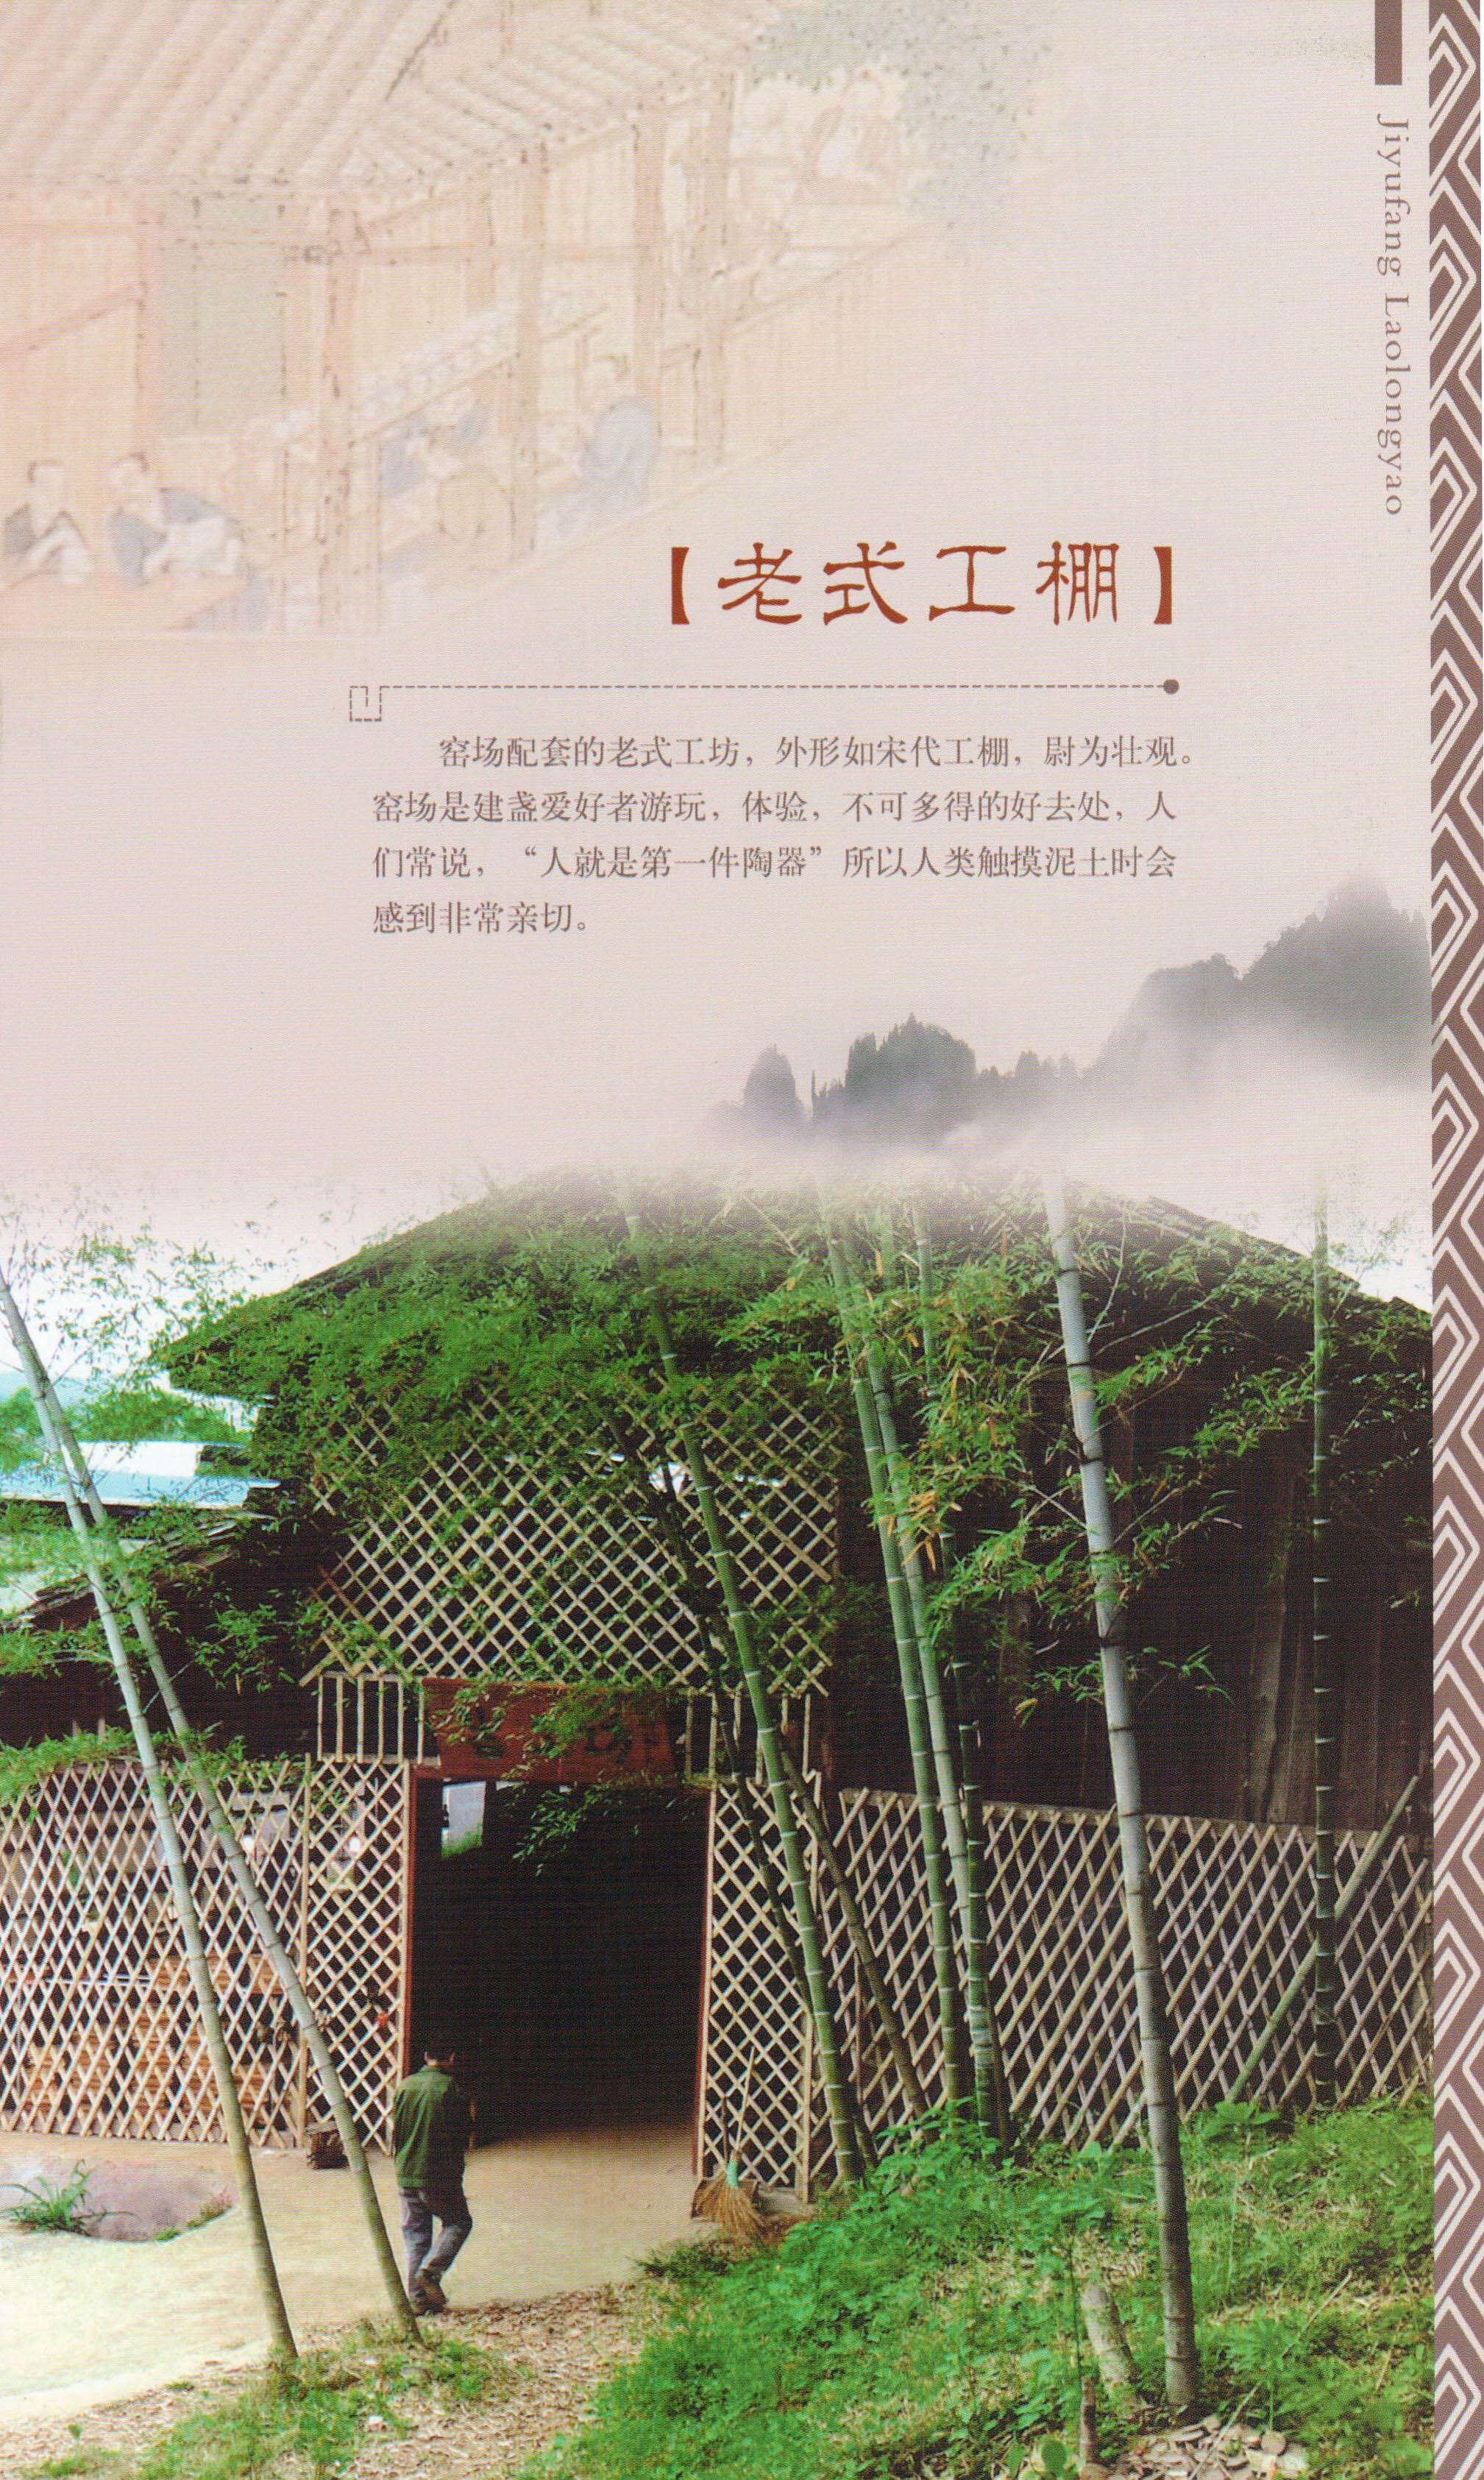 jiyufang_laolongyao-15